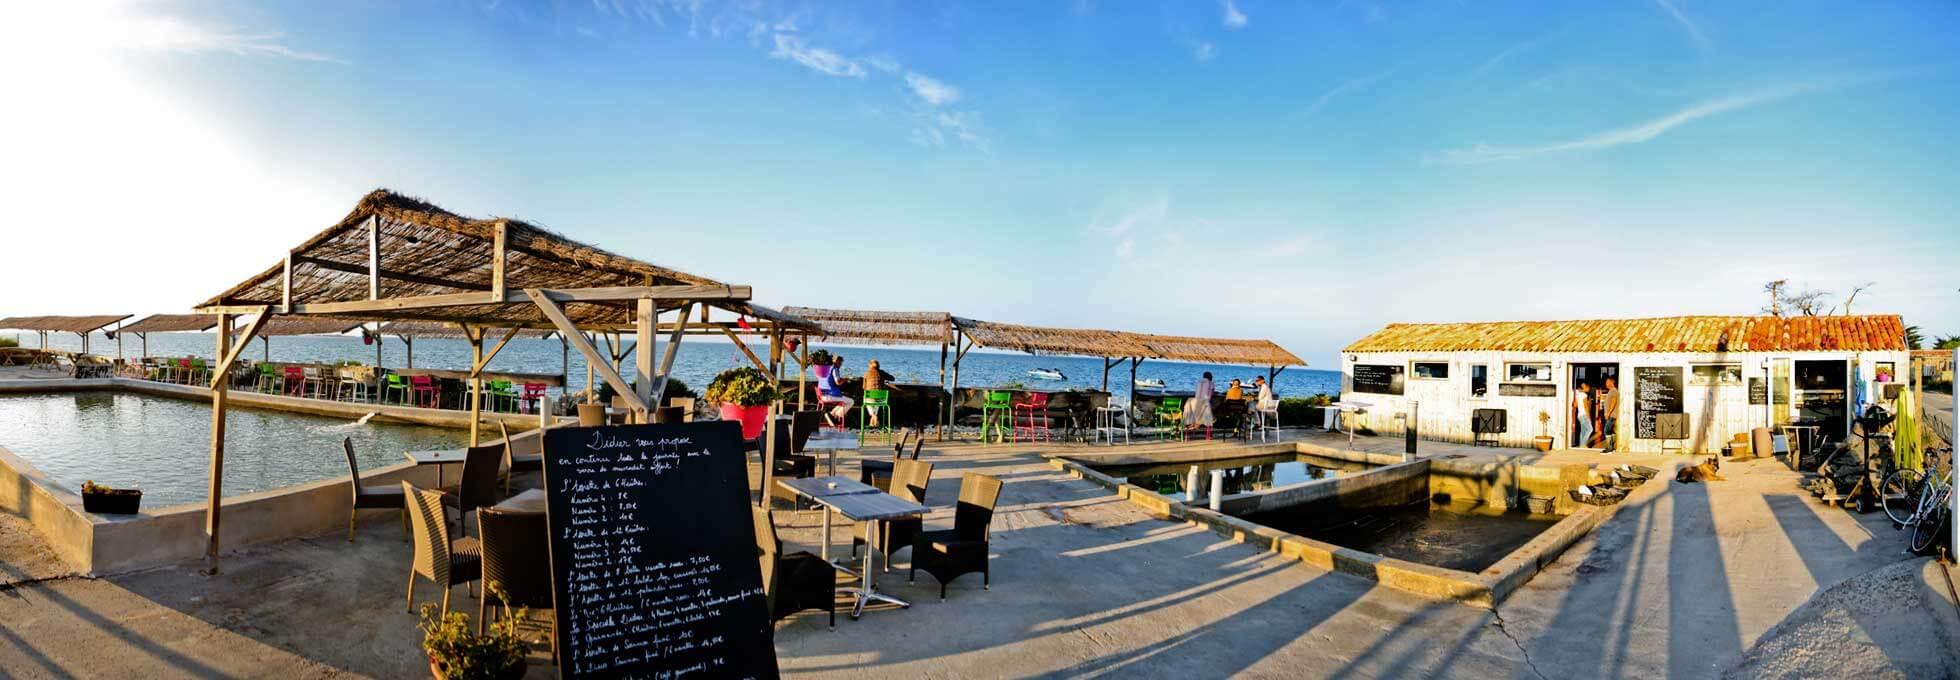 Saint martin en r tourisme ville saint martin ile de re - Office du tourisme saint clement des baleines ...